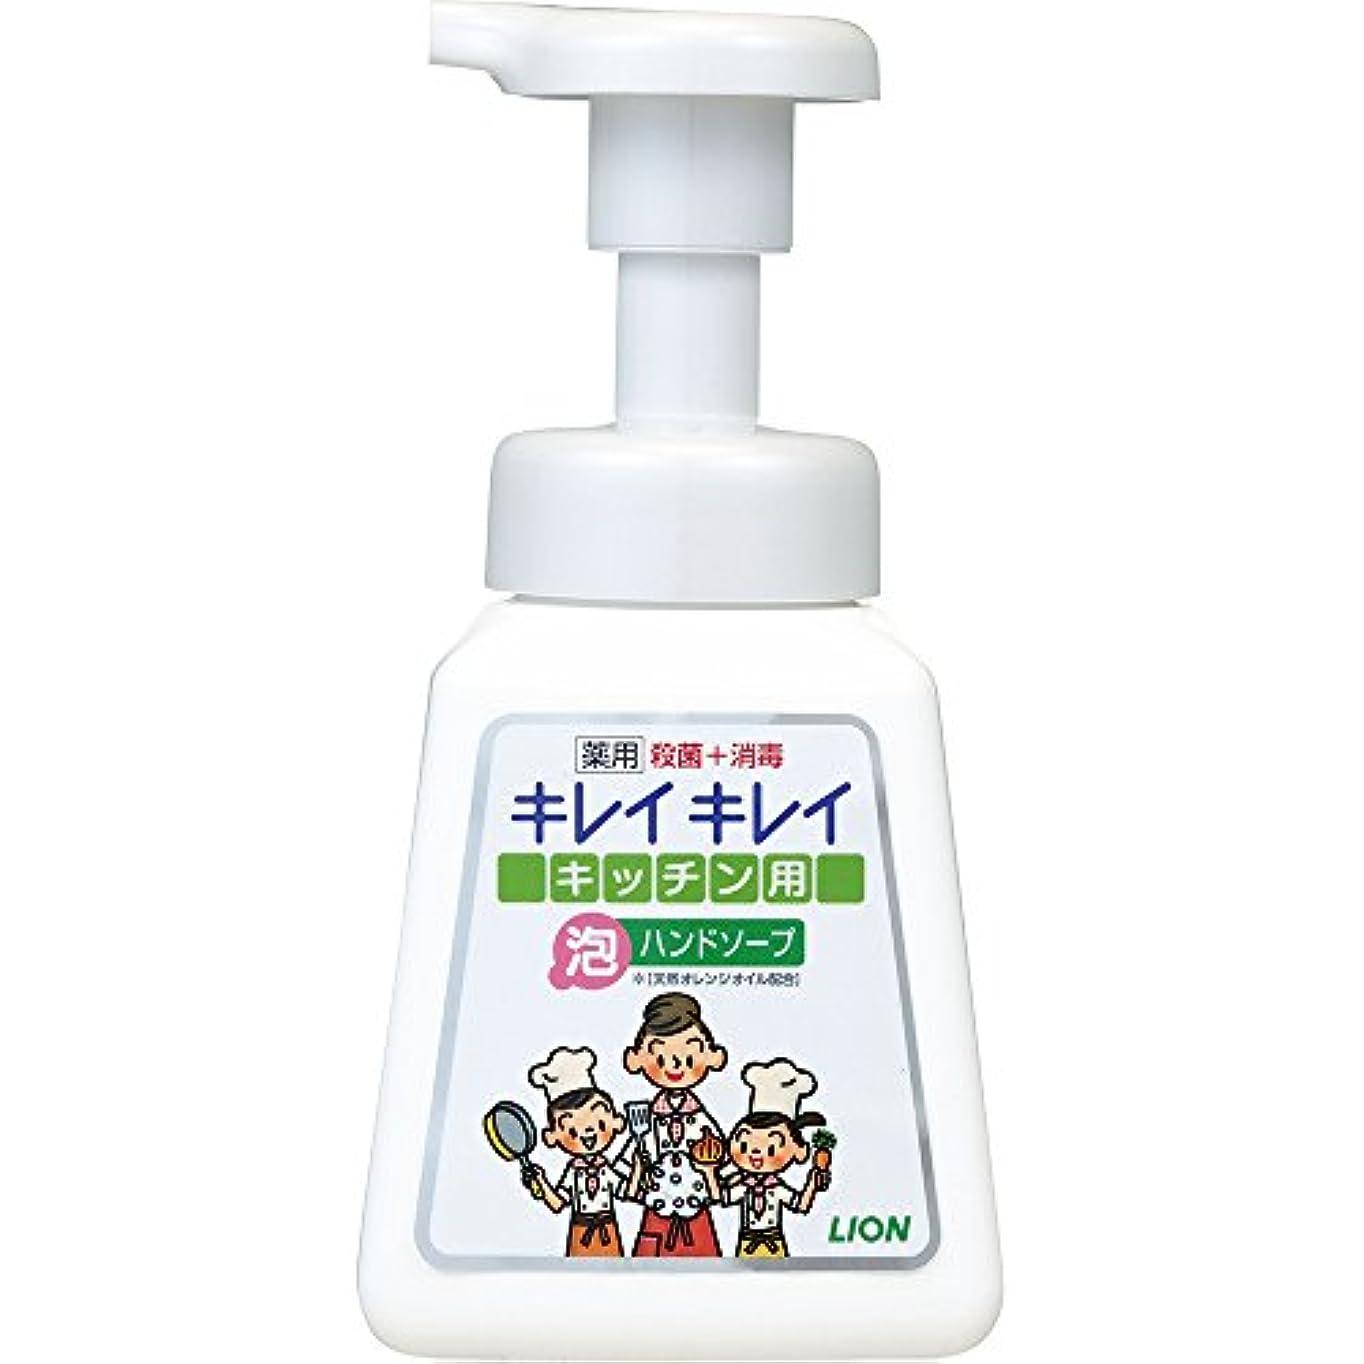 チート無駄に準備するキレイキレイ 薬用 キッチン泡ハンドソープ 本体ポンプ 230ml(医薬部外品)